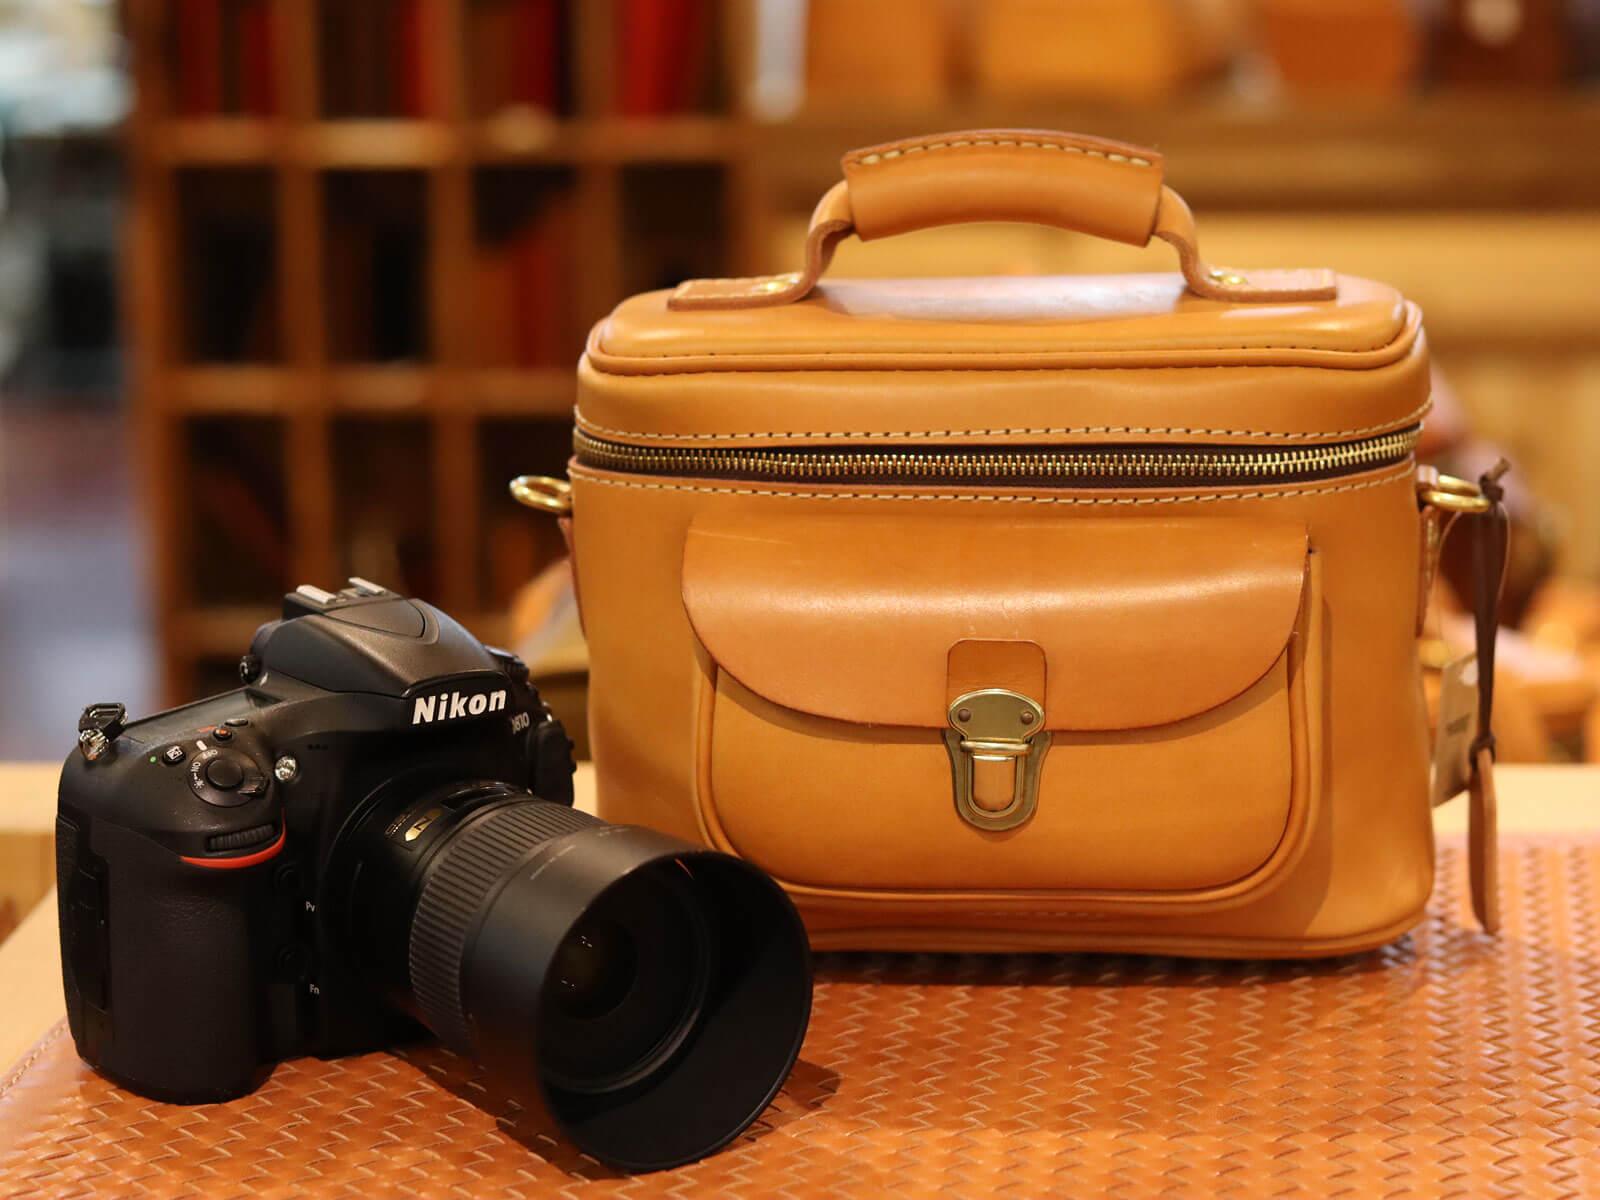 カメラバッグ特集 ~日常はシャッターチャンスに溢れている~